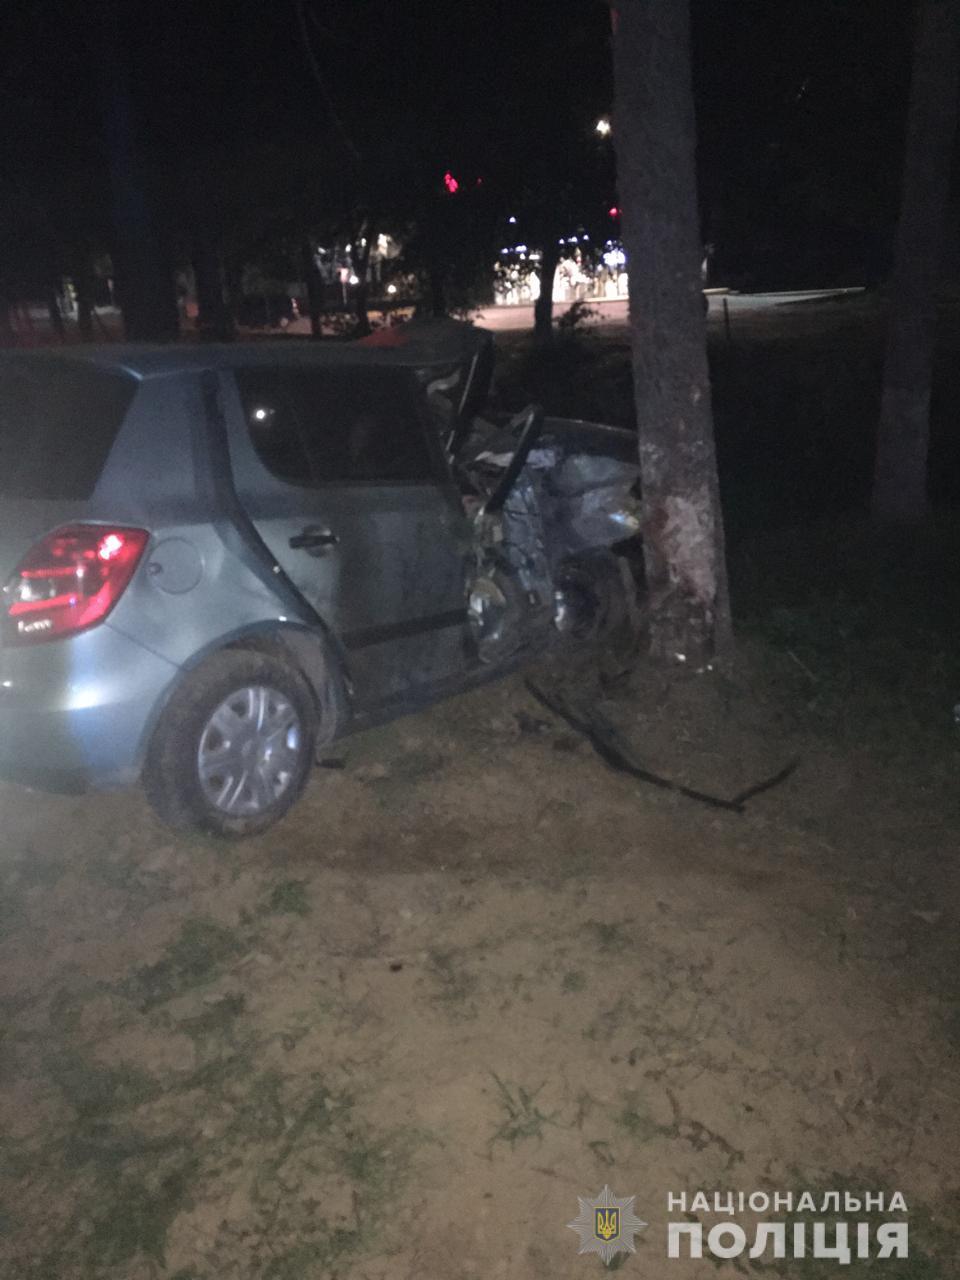 Смертельна ДТП в Ужгороді – з вини нетверезої водійки загинула її 19-річна подруга